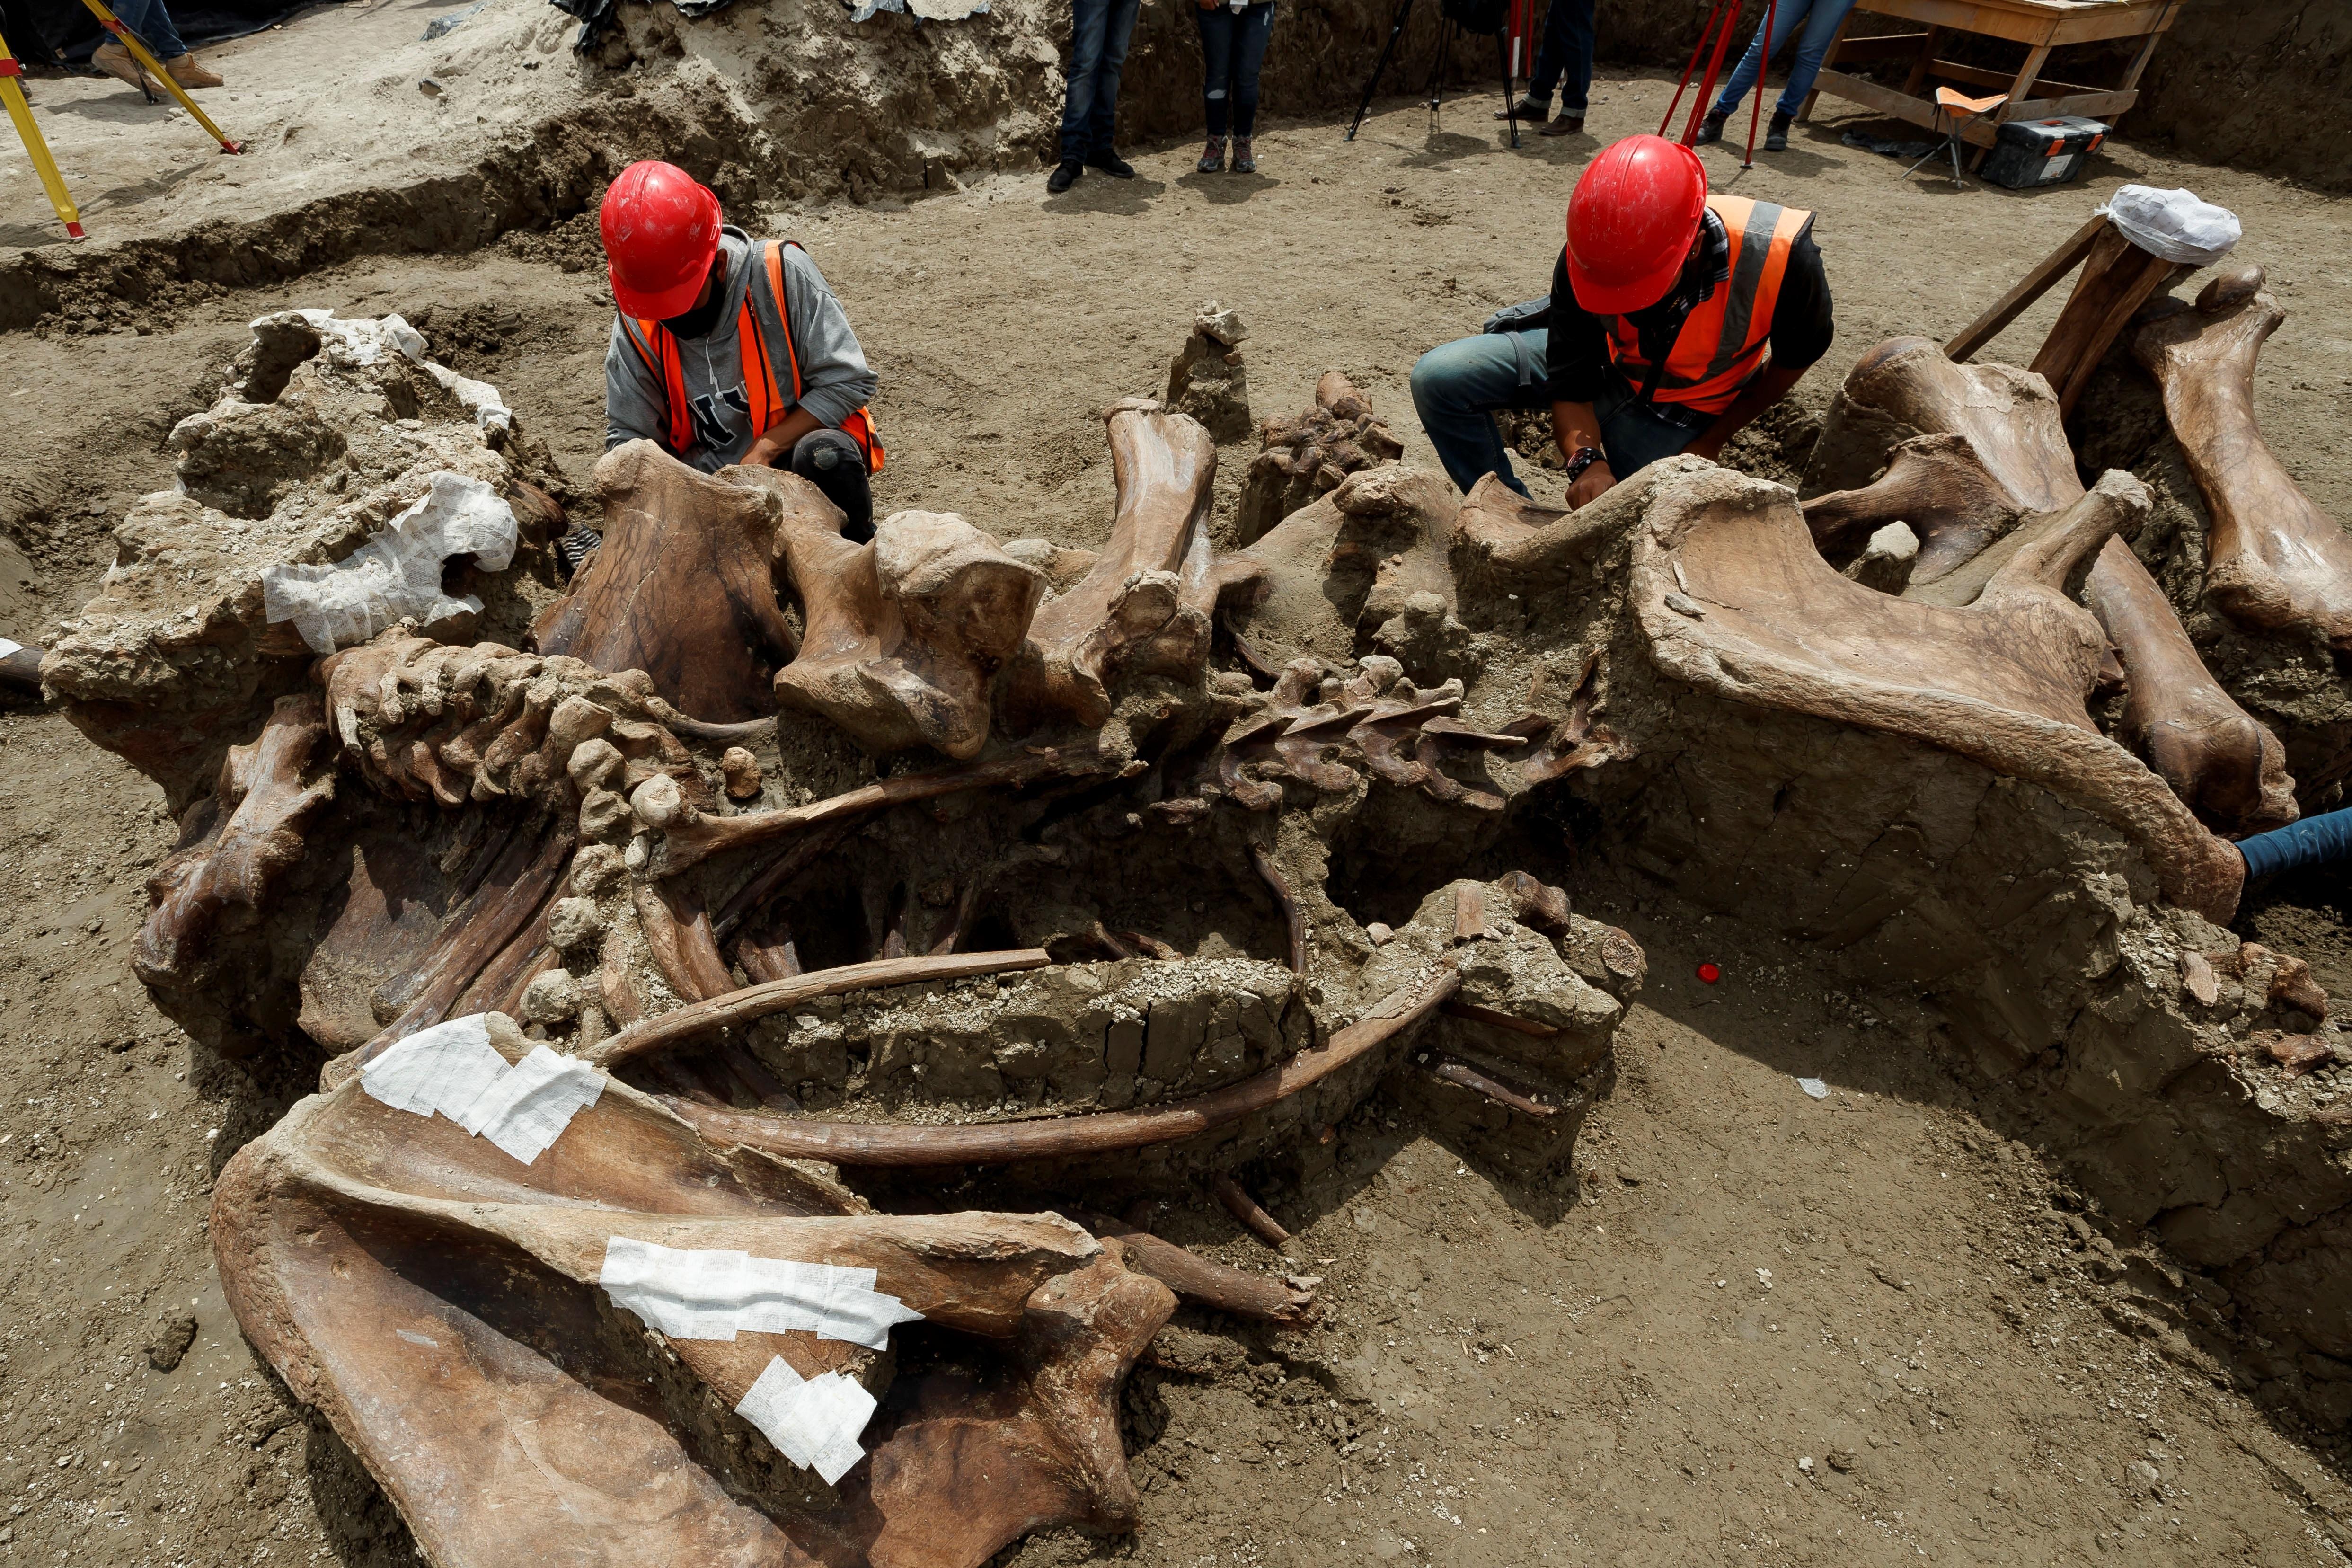 Los investigadores creen que el alto número de restos encontrados obedece a que esta zona correspondía al lago de Xaltocan, donde había abundante agua y alimento para los animales.